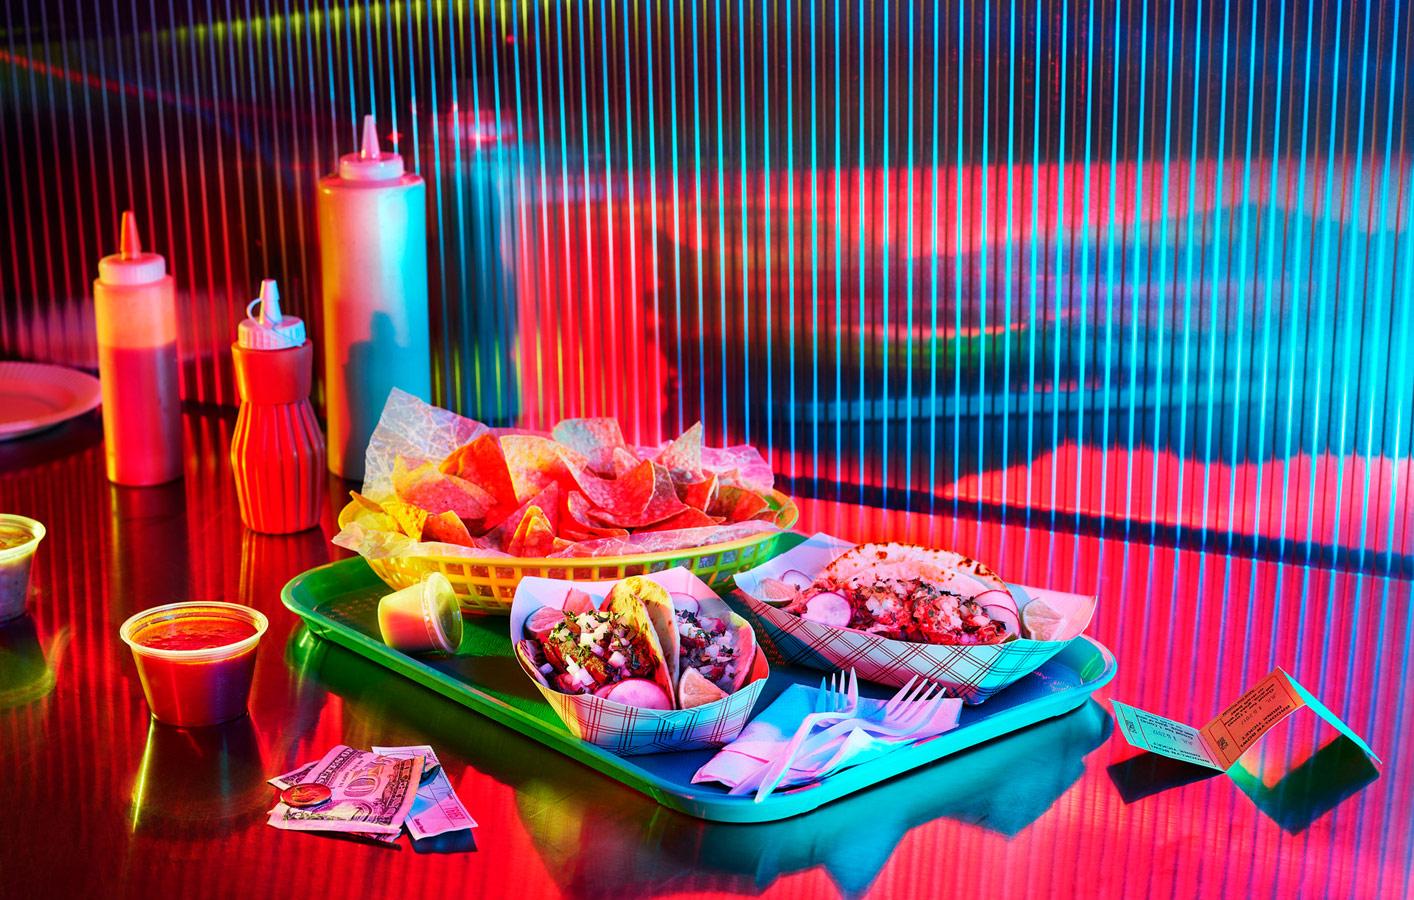 «Неоновые ночи», © Эмили Кейт Роемер / Emily Kate Roemer, Нью-Йорк, США, Финалист категории «Изобразительное искусство / Персональная», Фотоконкурс натюрморта «Объекты желания» — Objects of Desire